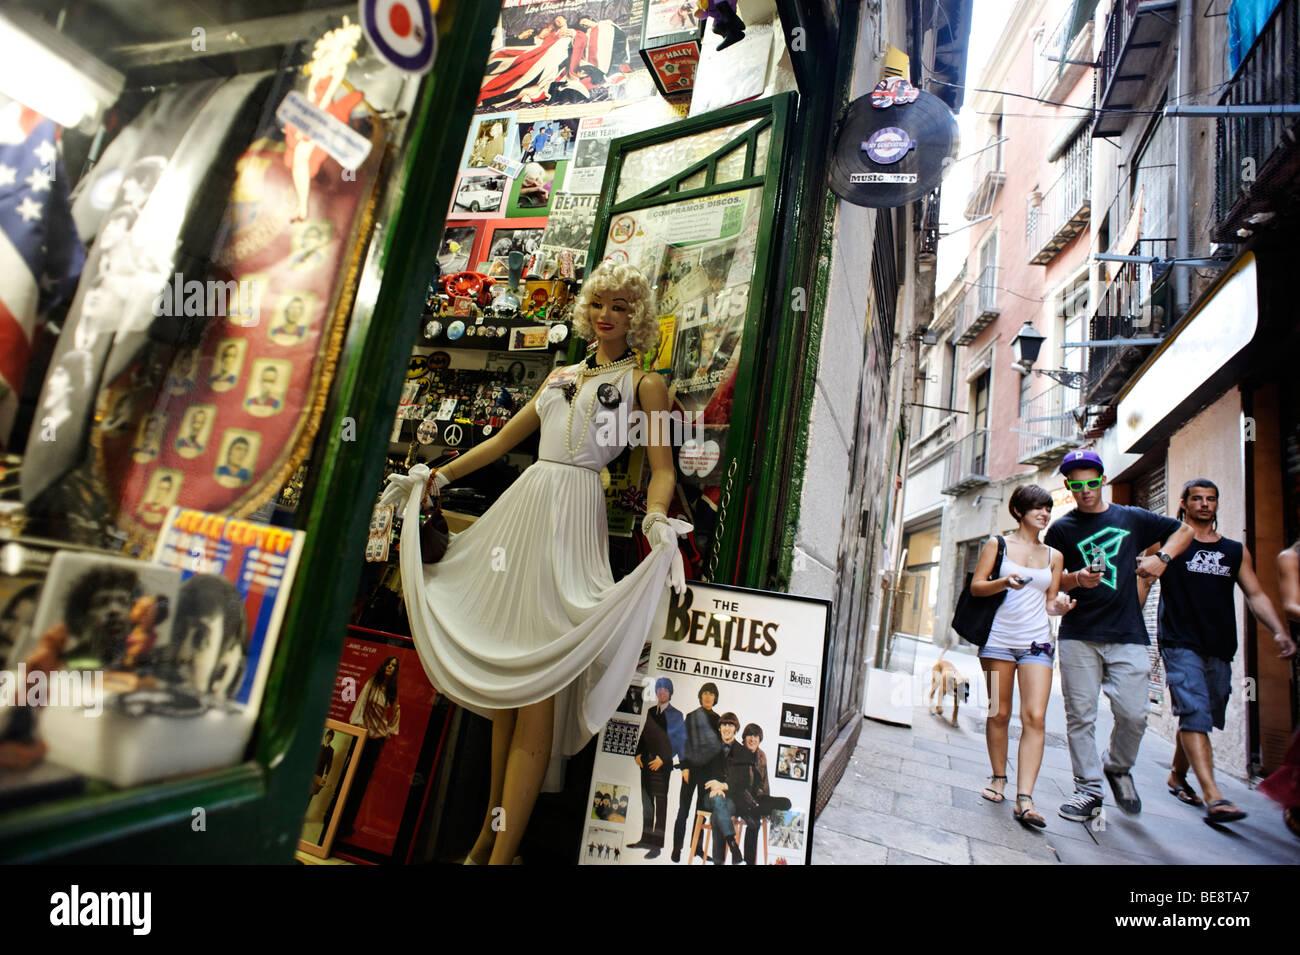 Hip boutique record store selling memorabilia. Barri Gotic. Barcelona. Spain - Stock Image